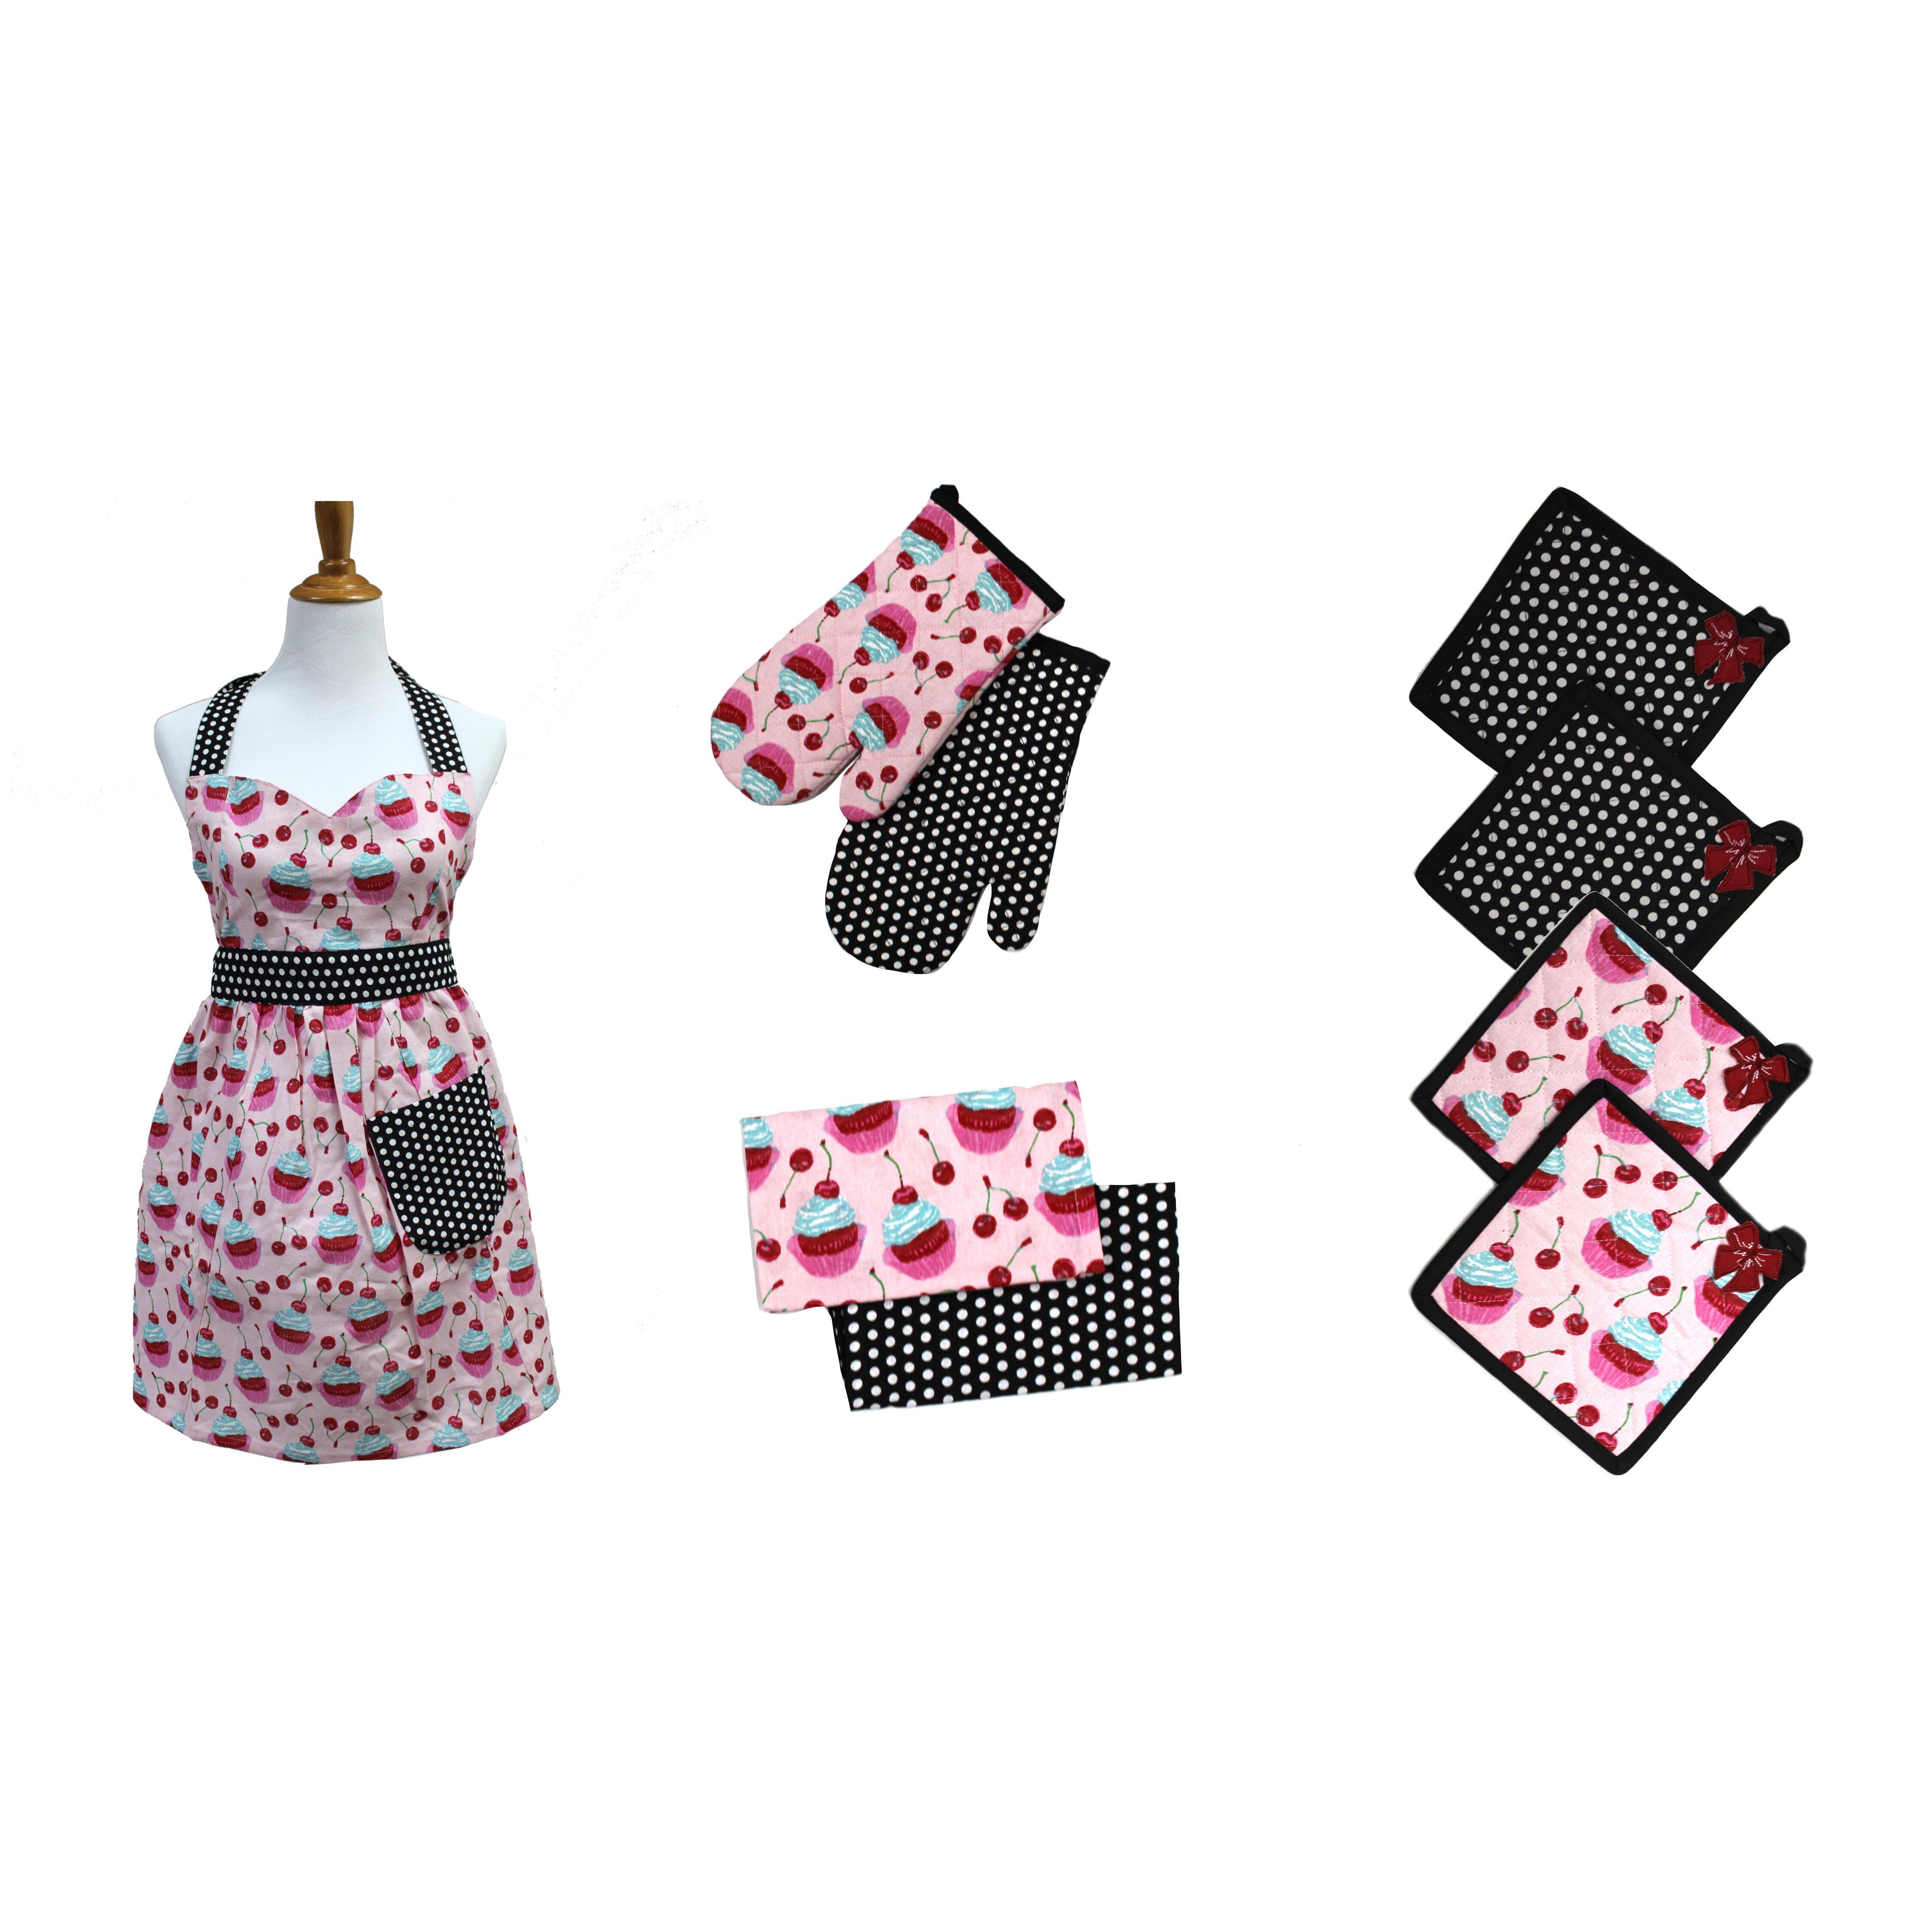 White apron gainesville fl - Colonial Textiles Pct 9 Piece Apron Set